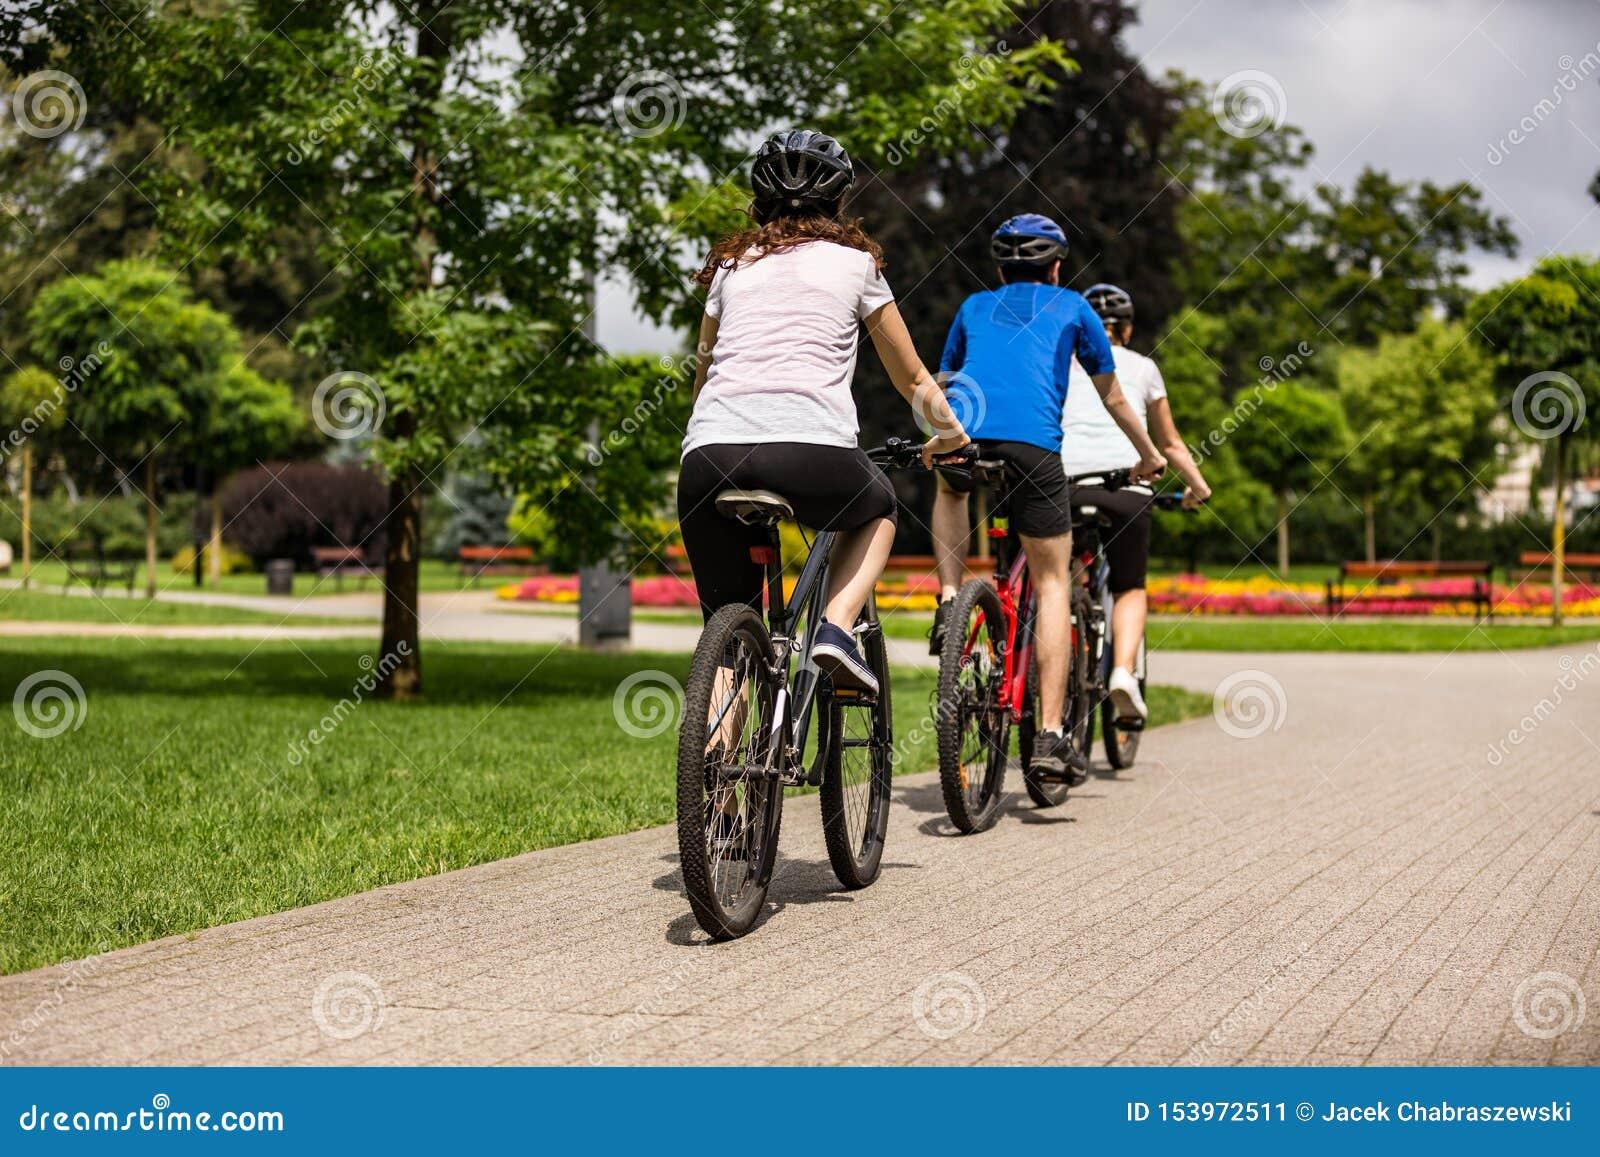 Zdrowy styl ?ycia - ludzie jedzie bicykle w miasto parku